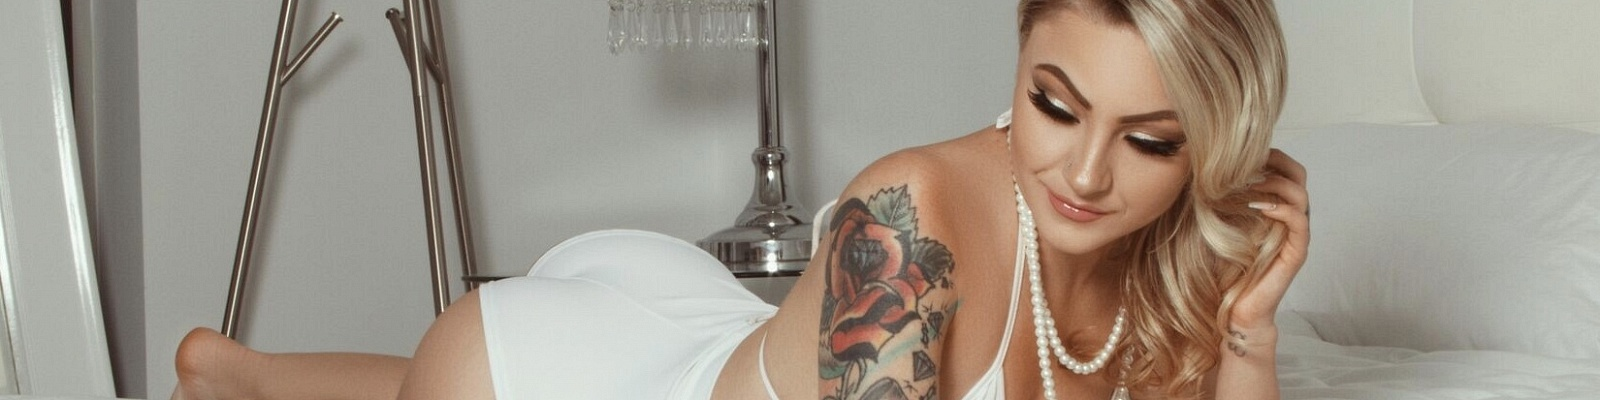 Tanya Blaze's Cover Photo